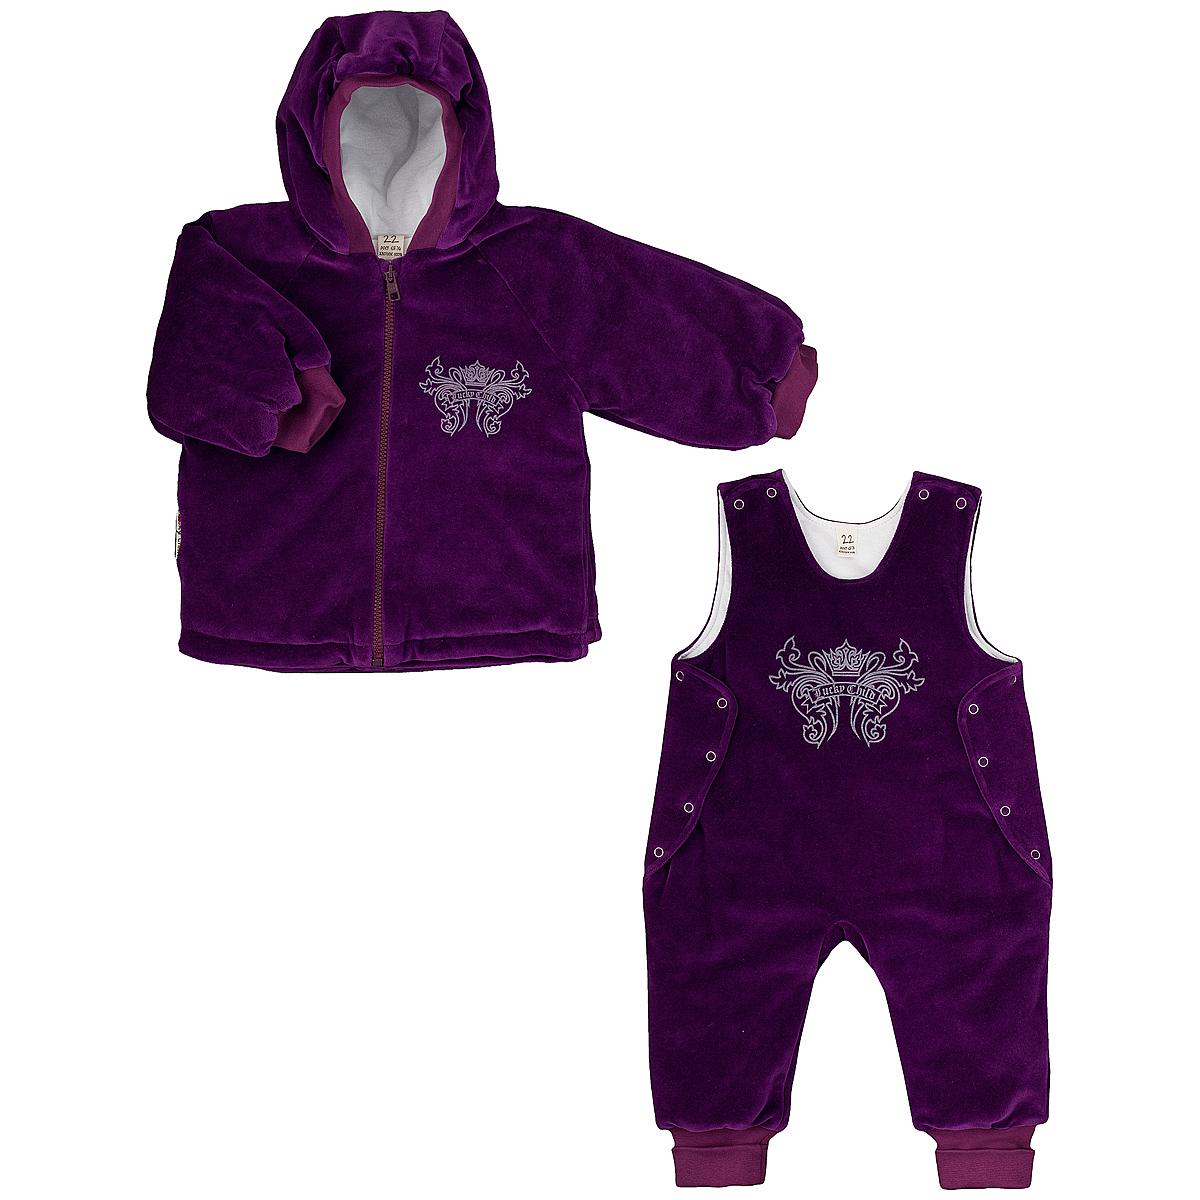 Комплект детский Lucky Child: куртка, полукомбинезон, цвет: сливовый. 5-5. Размер 68/745-5Утепленный детский комплект Lucky Child идеально подойдет для ребенка в прохладное время года. Комплект состоит из куртки и полукомбинезона, изготовленных из велюра с утеплителем из синтепона, а для максимального комфорта на подкладке используется натуральный хлопок, который не раздражает нежную кожу ребенка и хорошо сохраняет тепло. Комплект необычайно мягкий и приятный на ощупь, не сковывает движения малыша и позволяет коже дышать, обеспечивая ему наибольший комфорт. Куртка с капюшоном и длинными рукавами-реглан застегивается на пластиковую застежку-молнию. Рукава дополнены широкими трикотажными манжетами, не стягивающими запястья. На груди она оформлена оригинальным принтом в виде логотипа бренда. Полукомбинезон застегивается сверху на кнопки, а по бокам дополнен специальными клапанами на кнопках, которые позволяют без труда переодеть малыша. Снизу брючин предусмотрены широкие трикотажные манжеты. На груди он декорирован таким же рисунком, как на куртке. Комфортный, удобный и практичный этот комплект идеально подойдет для прогулок и игр на свежем воздухе!